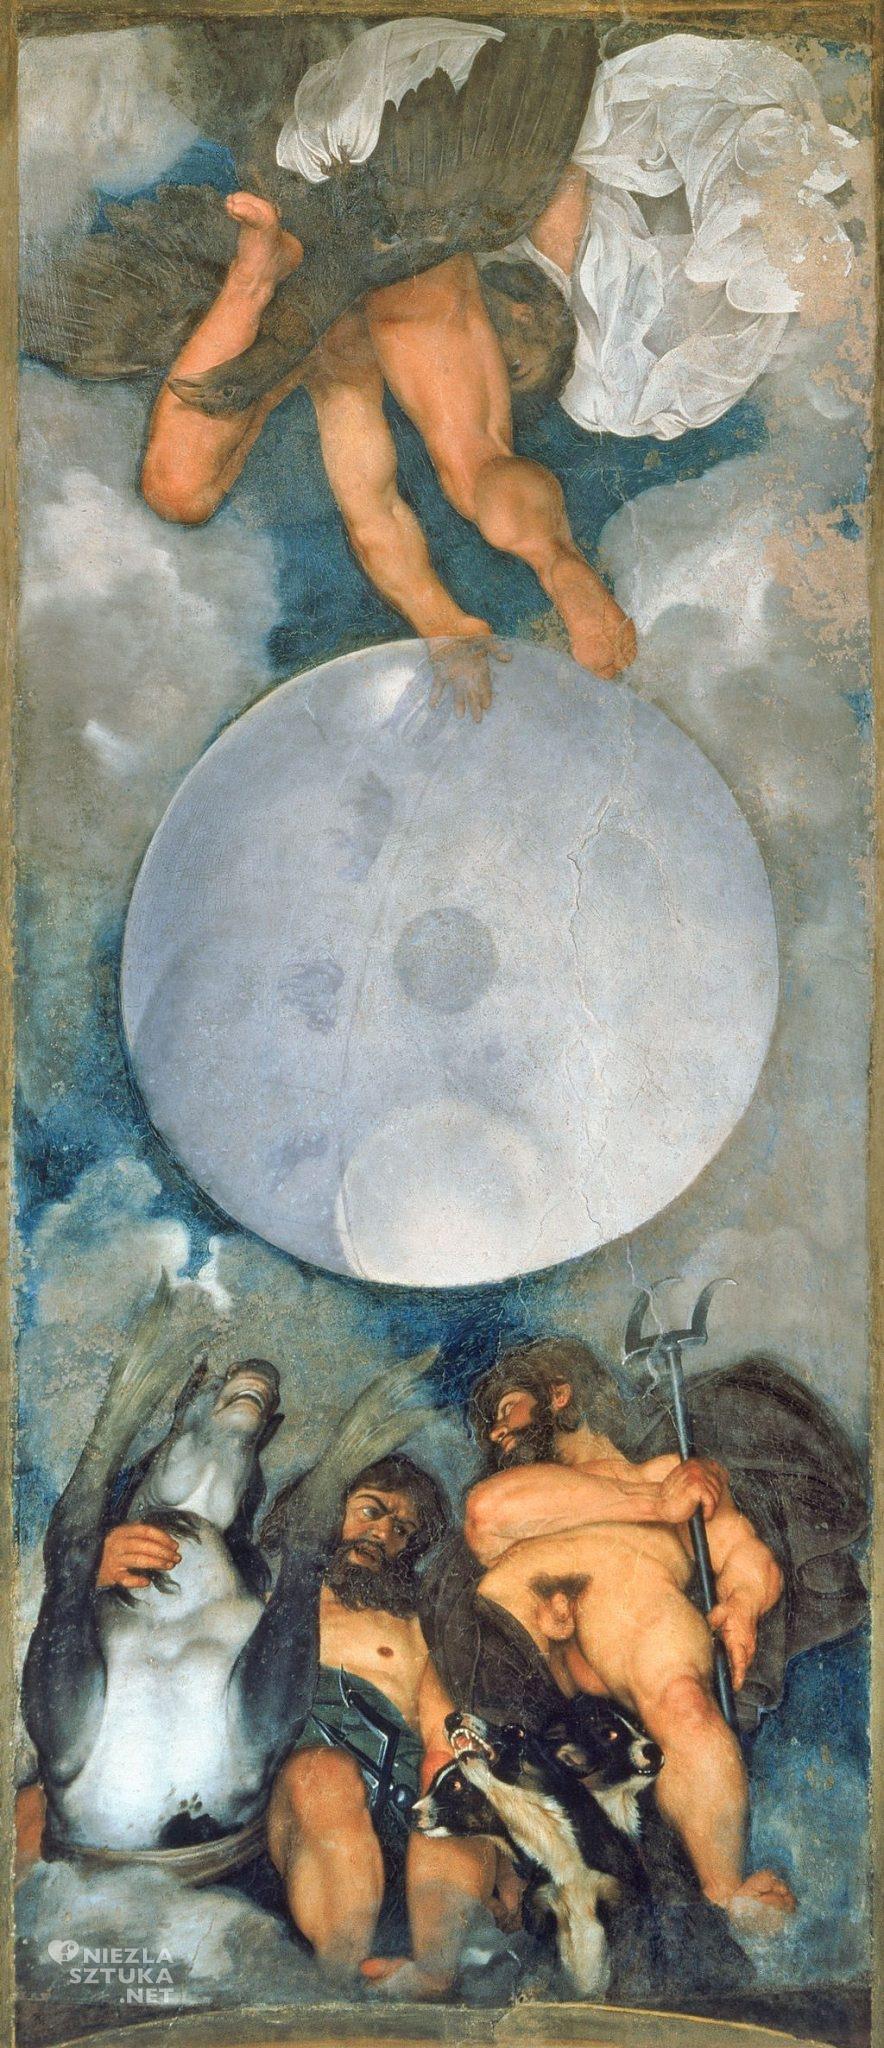 Caravaggio, Jowisz, Neptun i Pluton, malarstwo włoskie, Niezła sztuka